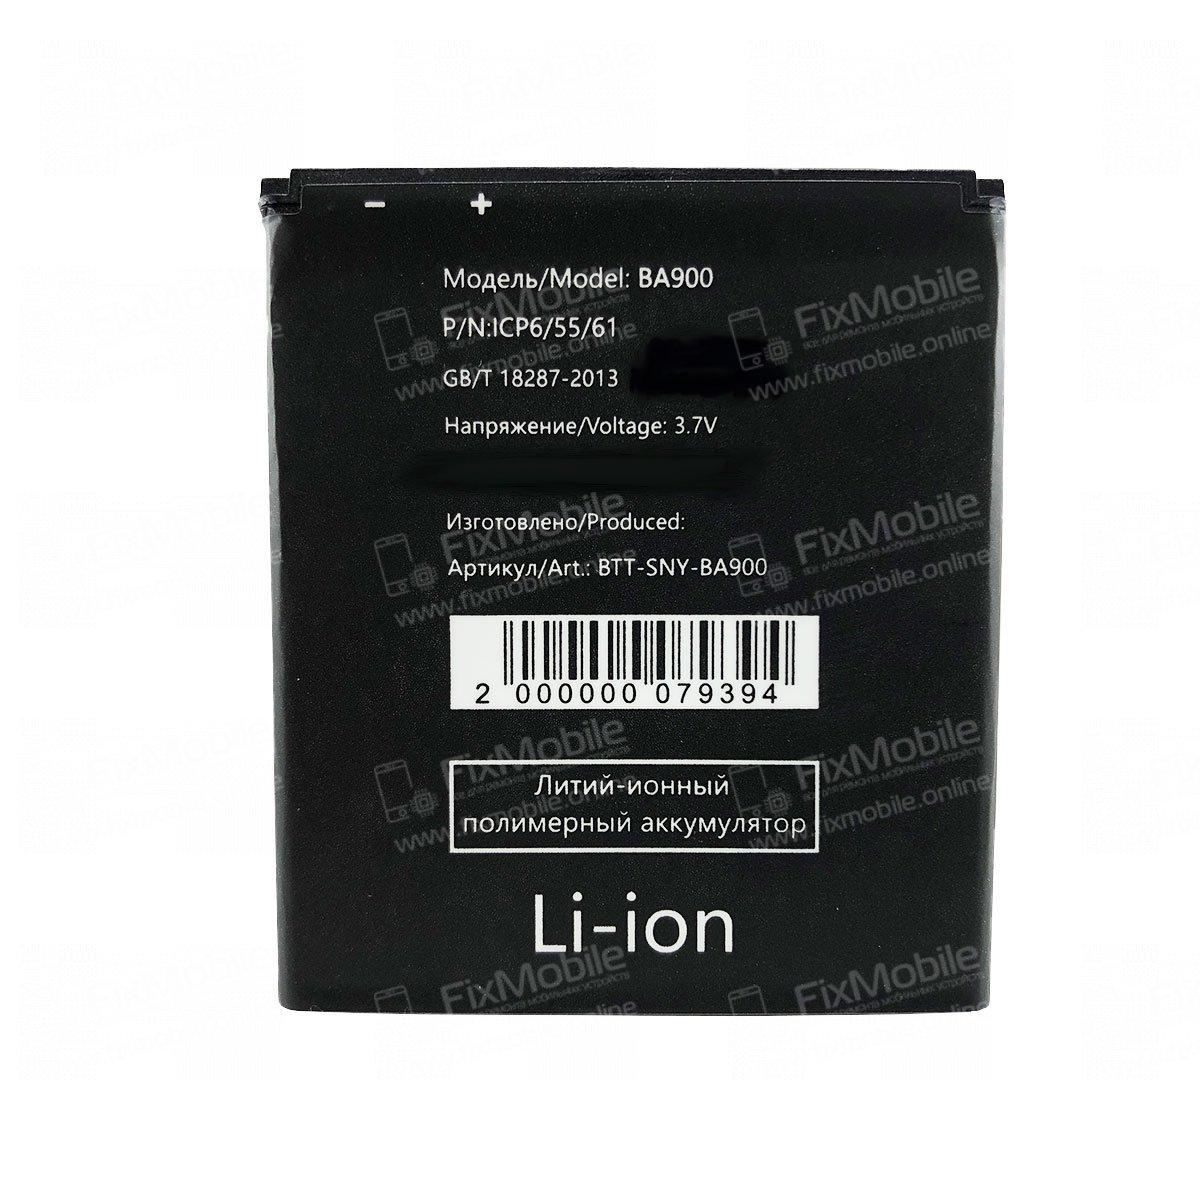 Аккумуляторная батарея для Sony Xperia J (ST26i) BA900